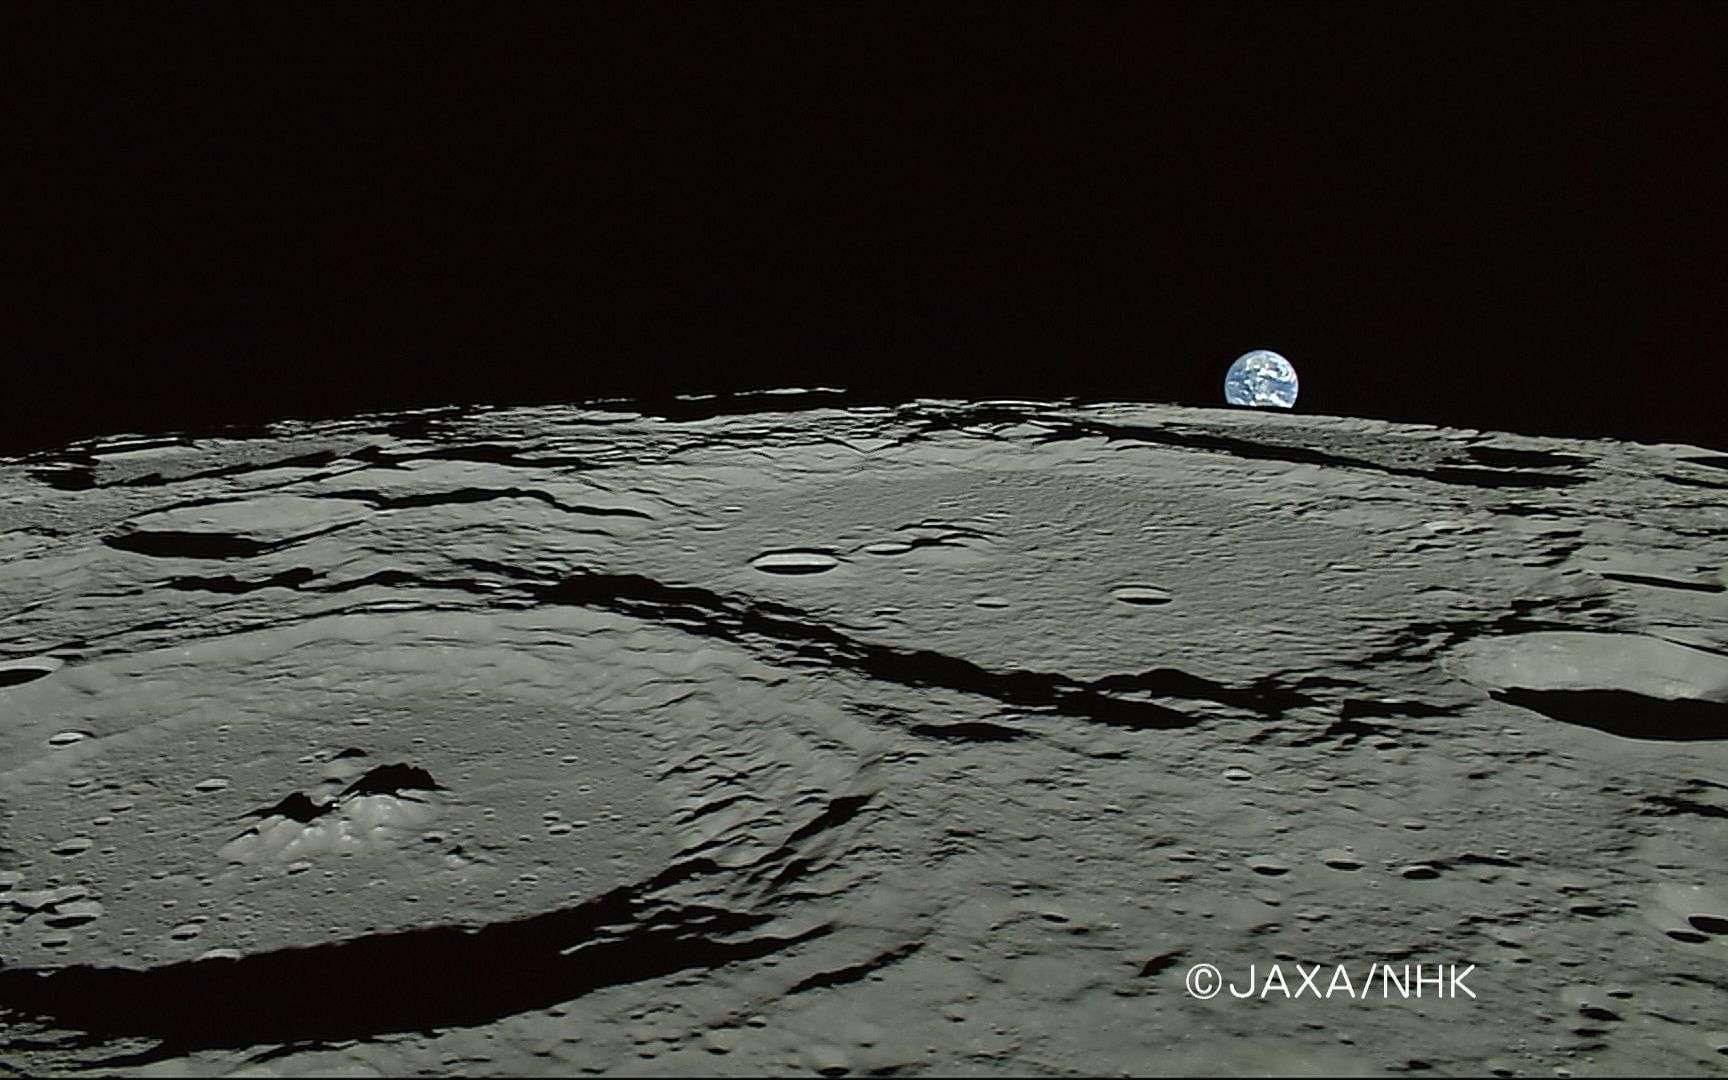 Une superbe image prise en 2007 par la sonde japonaise Kaguya qui tournait autour de la Lune à très faible altitude. Aujourd'hui, l'ambition de l'Esa est d'y faire marcher un jour des astronautes européens. © Jaxa, NHK